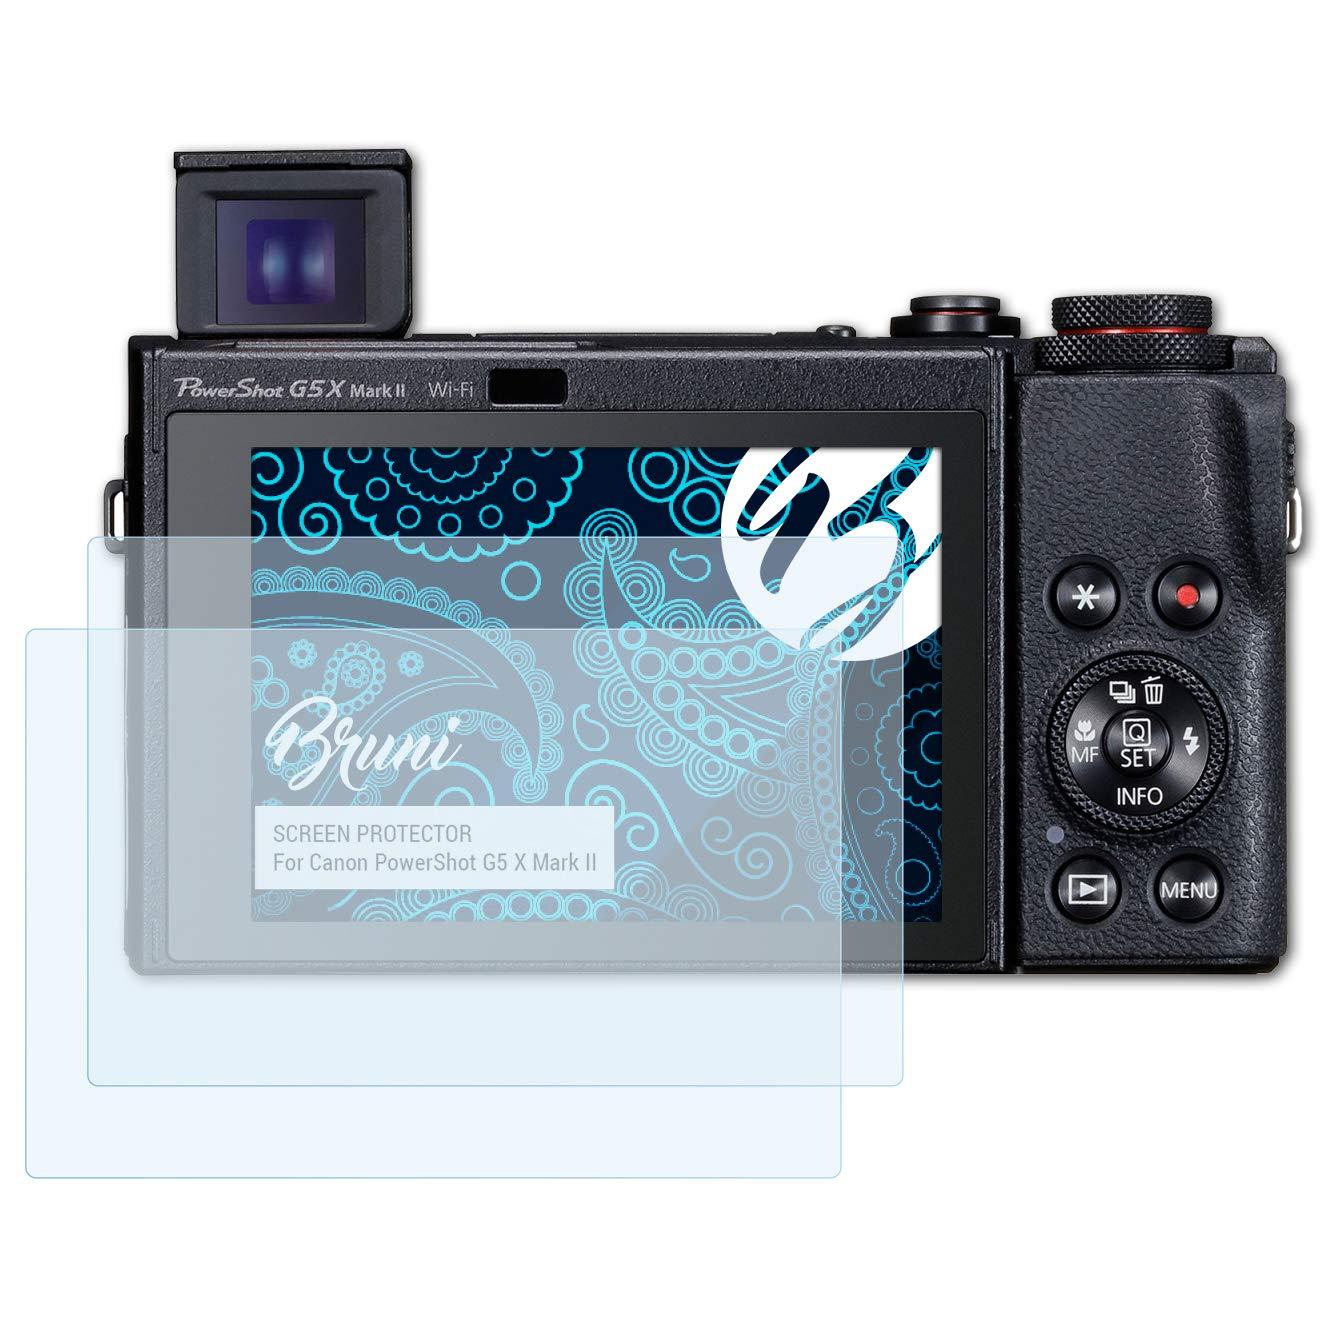 Bruni Pel/ícula Protectora Compatible con Canon PowerShot G5 X Mark II Protector Pel/ícula Claro L/ámina Protectora 2X